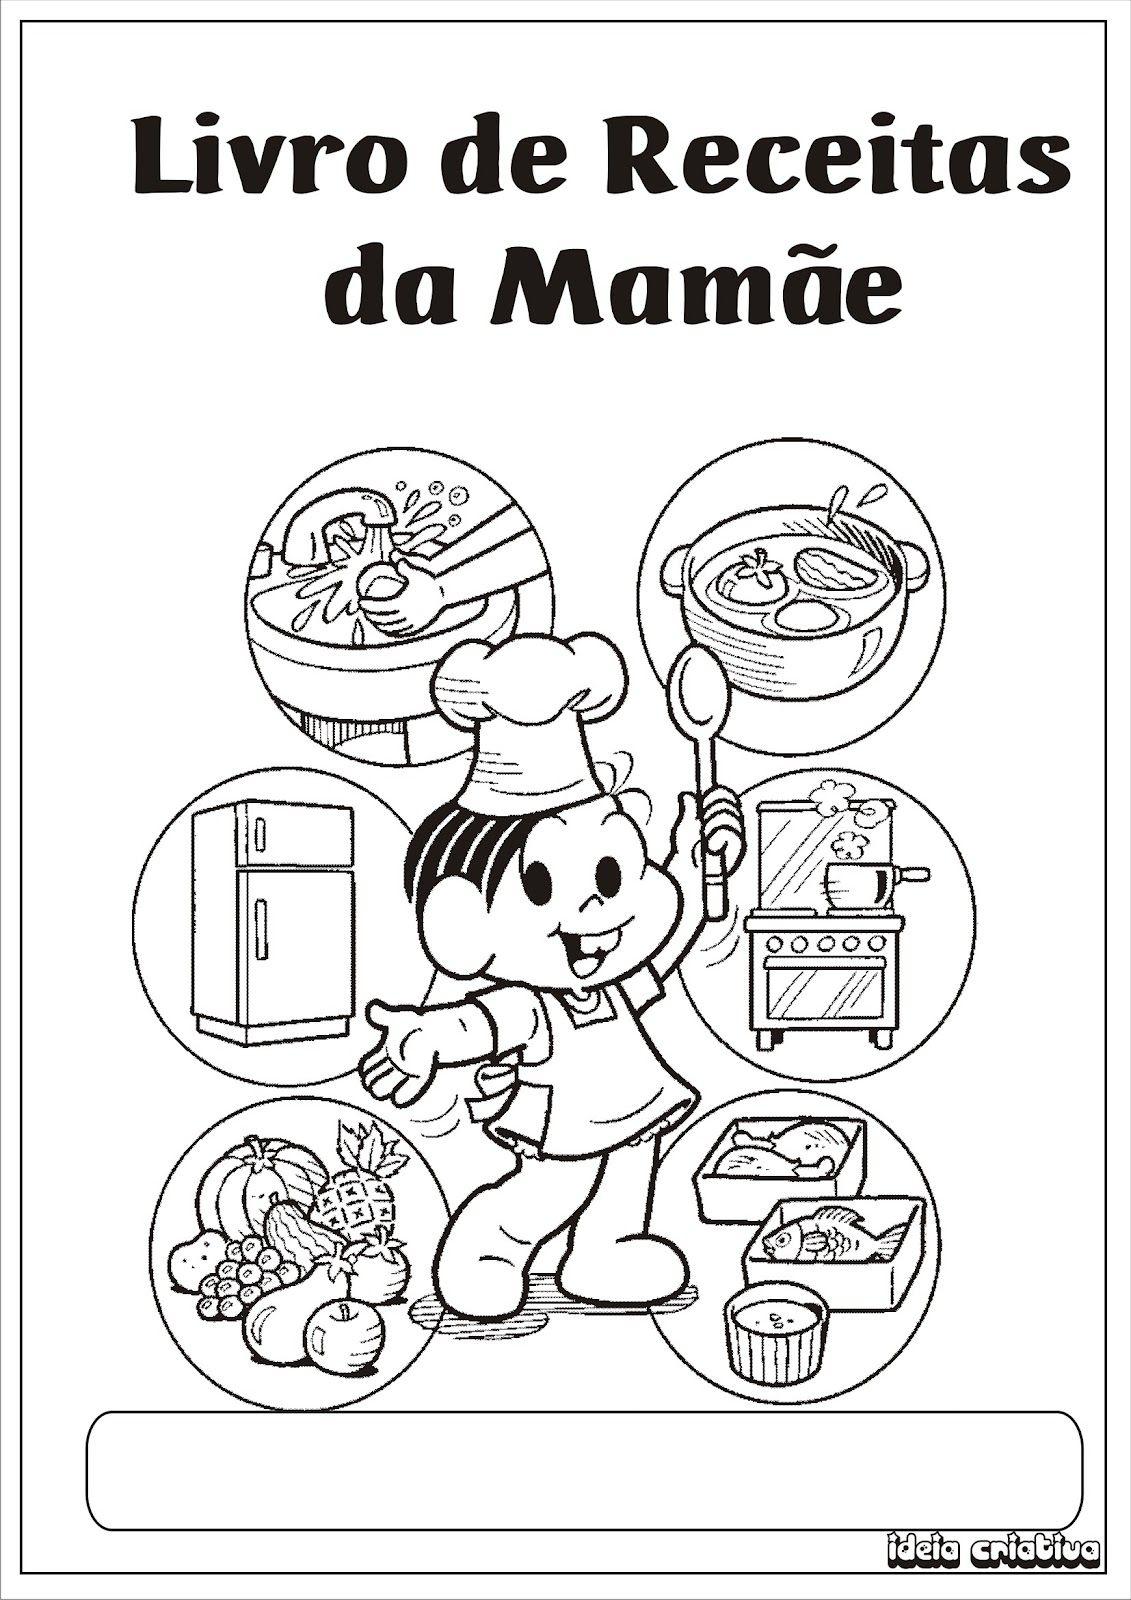 Livrinho De Receita Para O Dia Das Maes Com Imagens Livro De